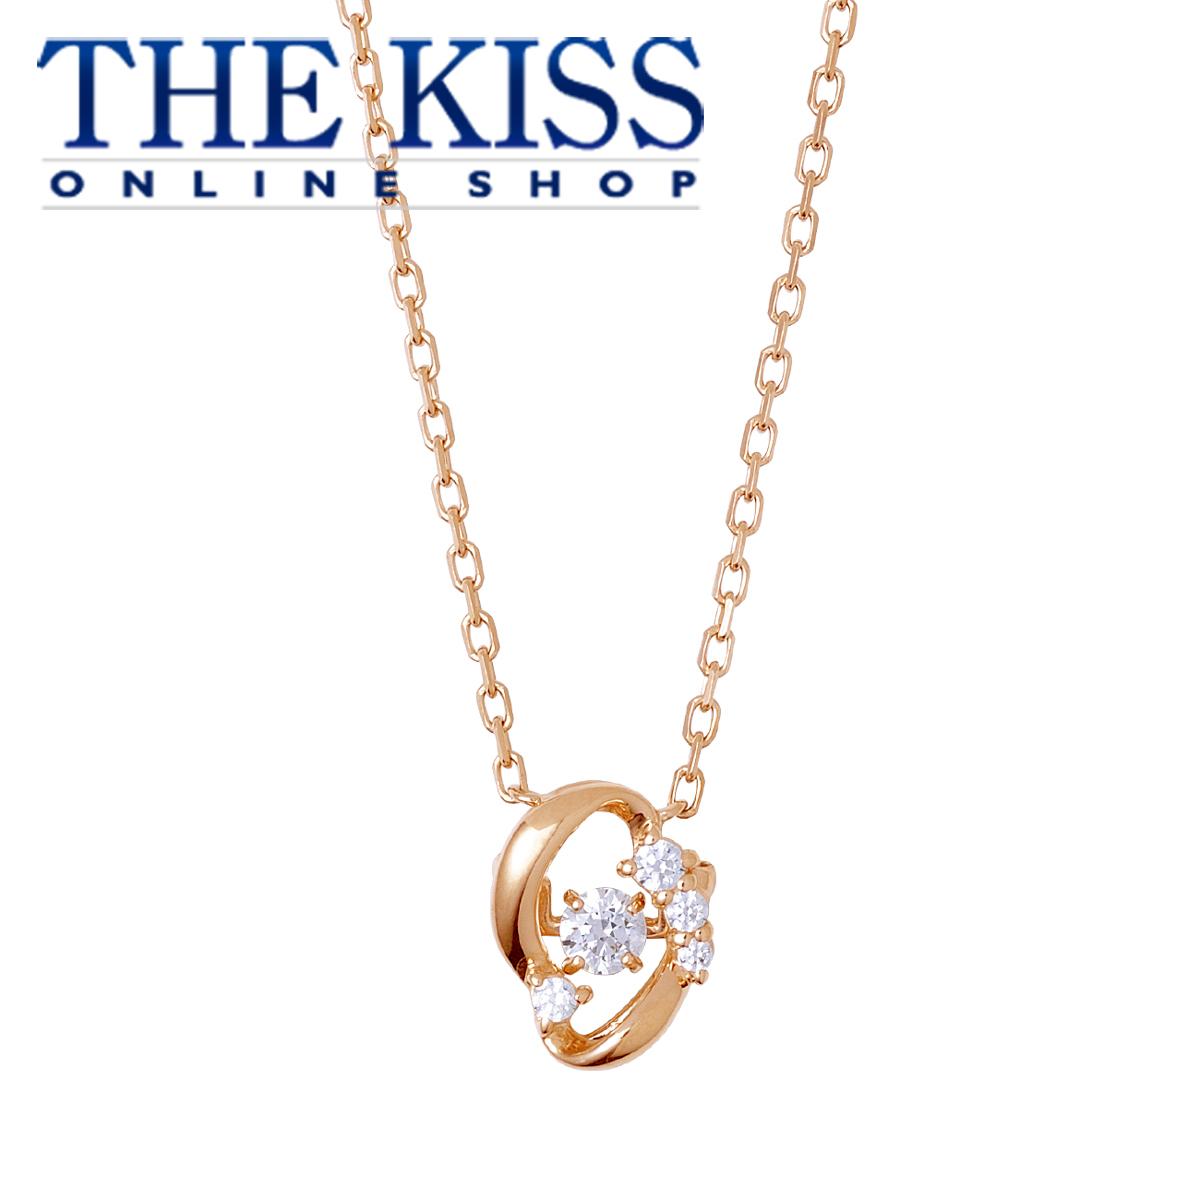 【あす楽対応】ダンシングストーン Dancing Stone THE KISS 公式サイト シルバー ネックレス レディースジュエリー・アクセサリー ジュエリーブランド THEKISS ネックレス・ペンダント 記念日 SPD1406CB ザキス 【Twinkling】【送料無料】